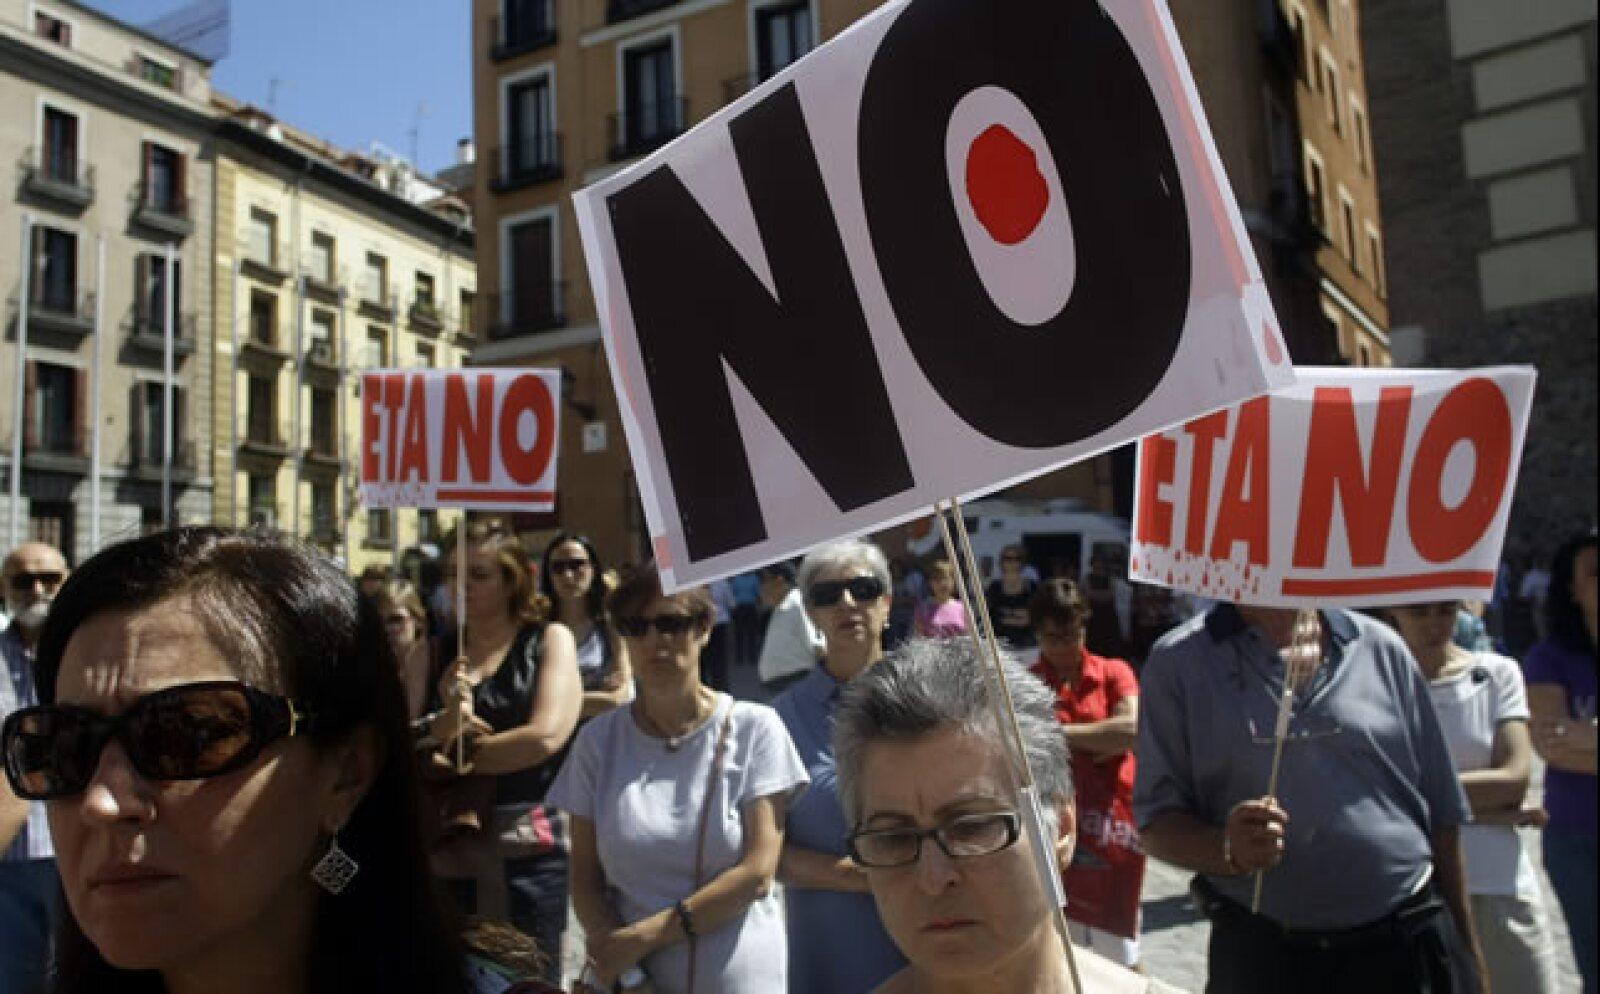 Dos guardias civiles fueron asesinados el jueves durante el último atentado atribuido por el Gobierno de España a la banda separatista vasca ETA, en Mallorca. El viernes se condenó este atentado con marchas de silencio. Los eventos coinciden con el 50 ani